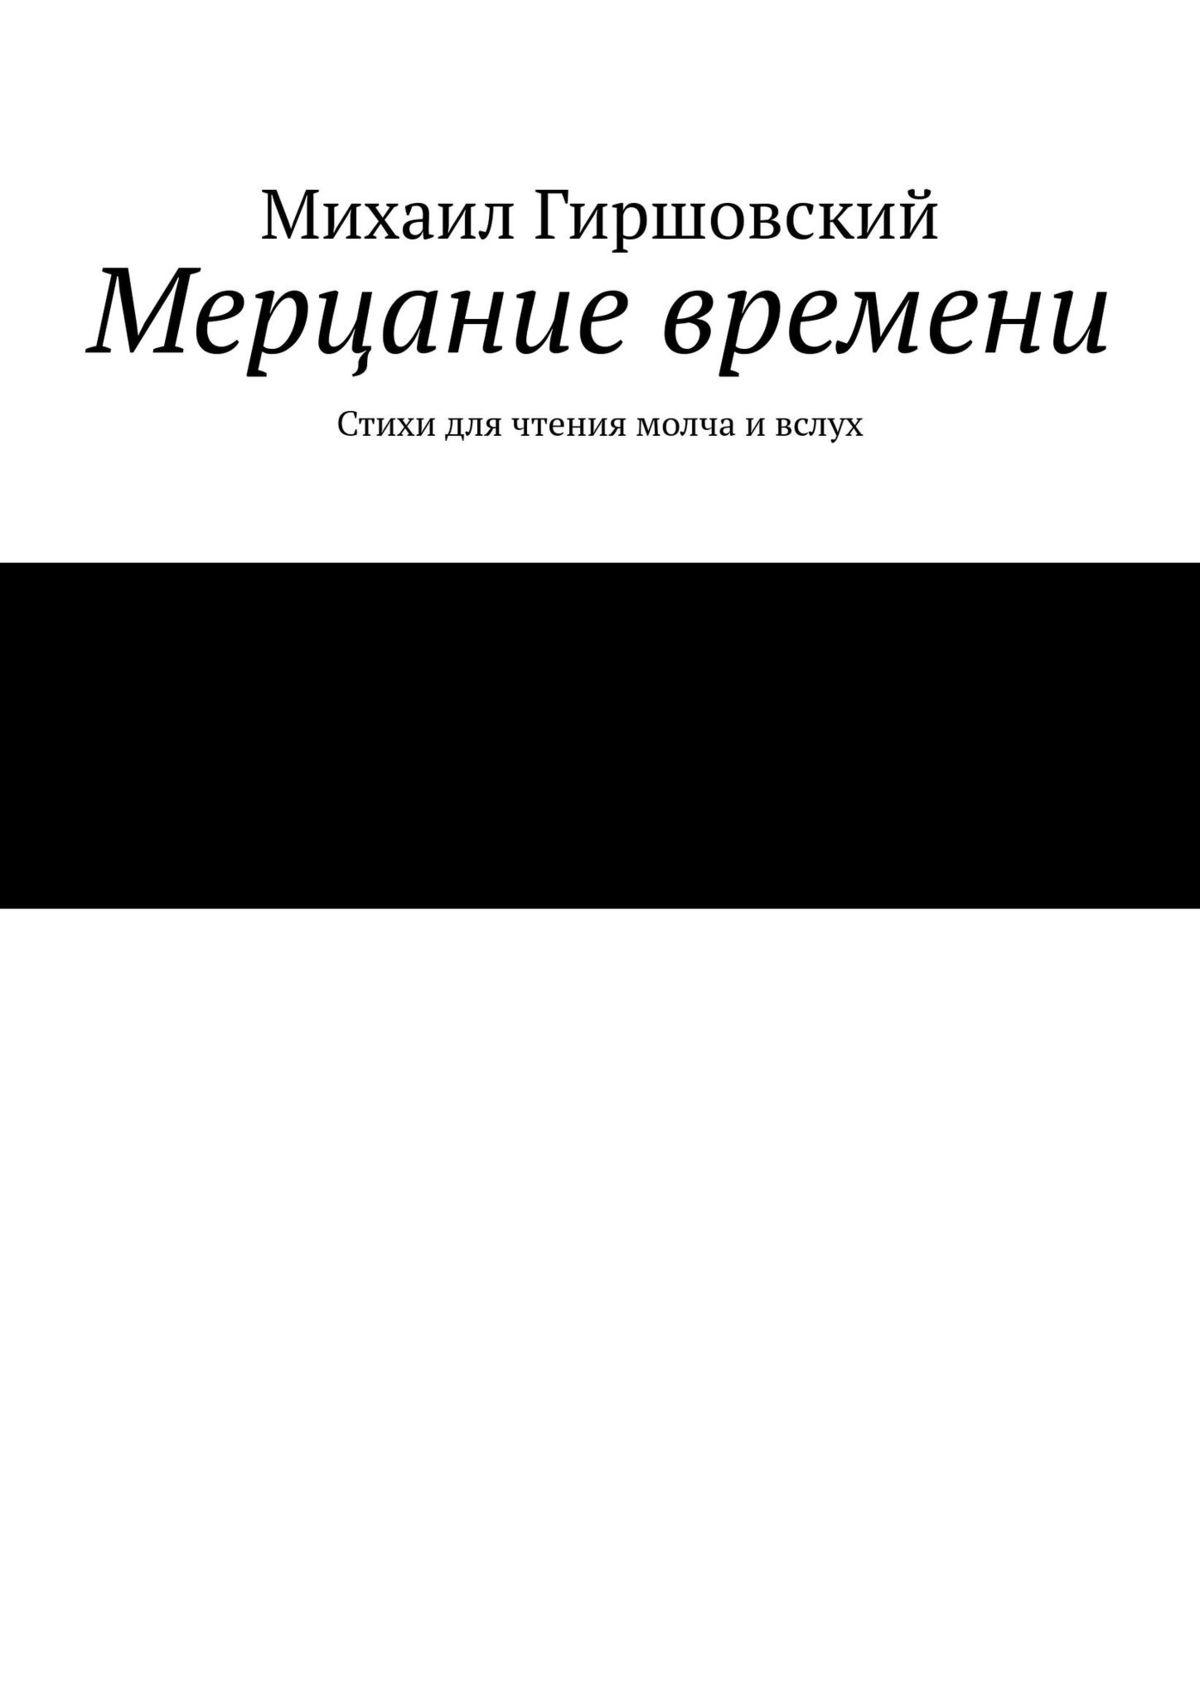 Михаил Гиршовский Мерцание времени. Стихи для чтения молча ивслух михаил монастырский сдохни молча